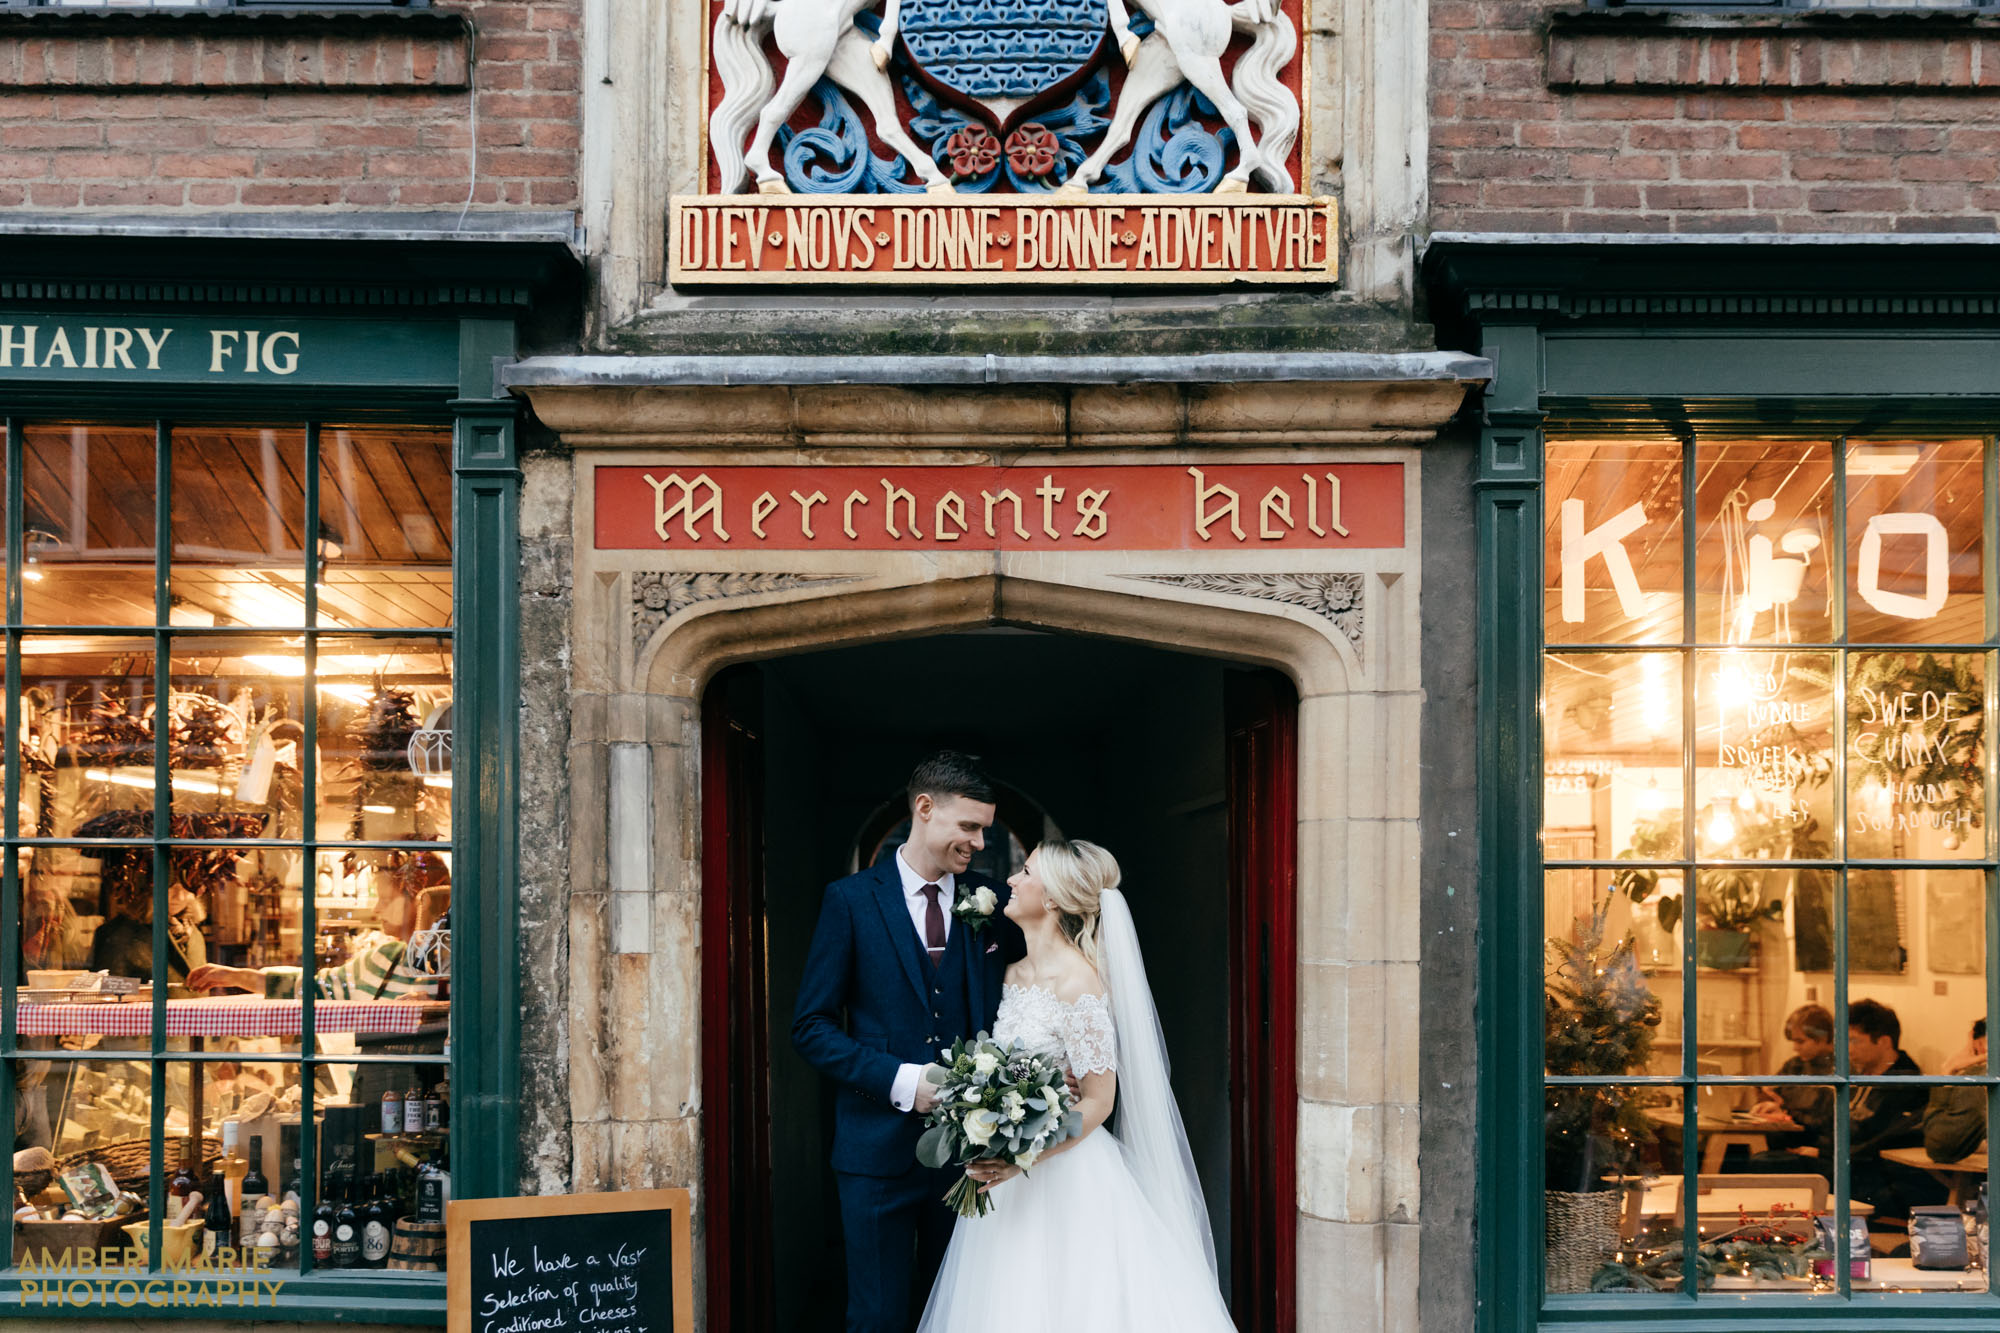 merchants adventurers hall wedding